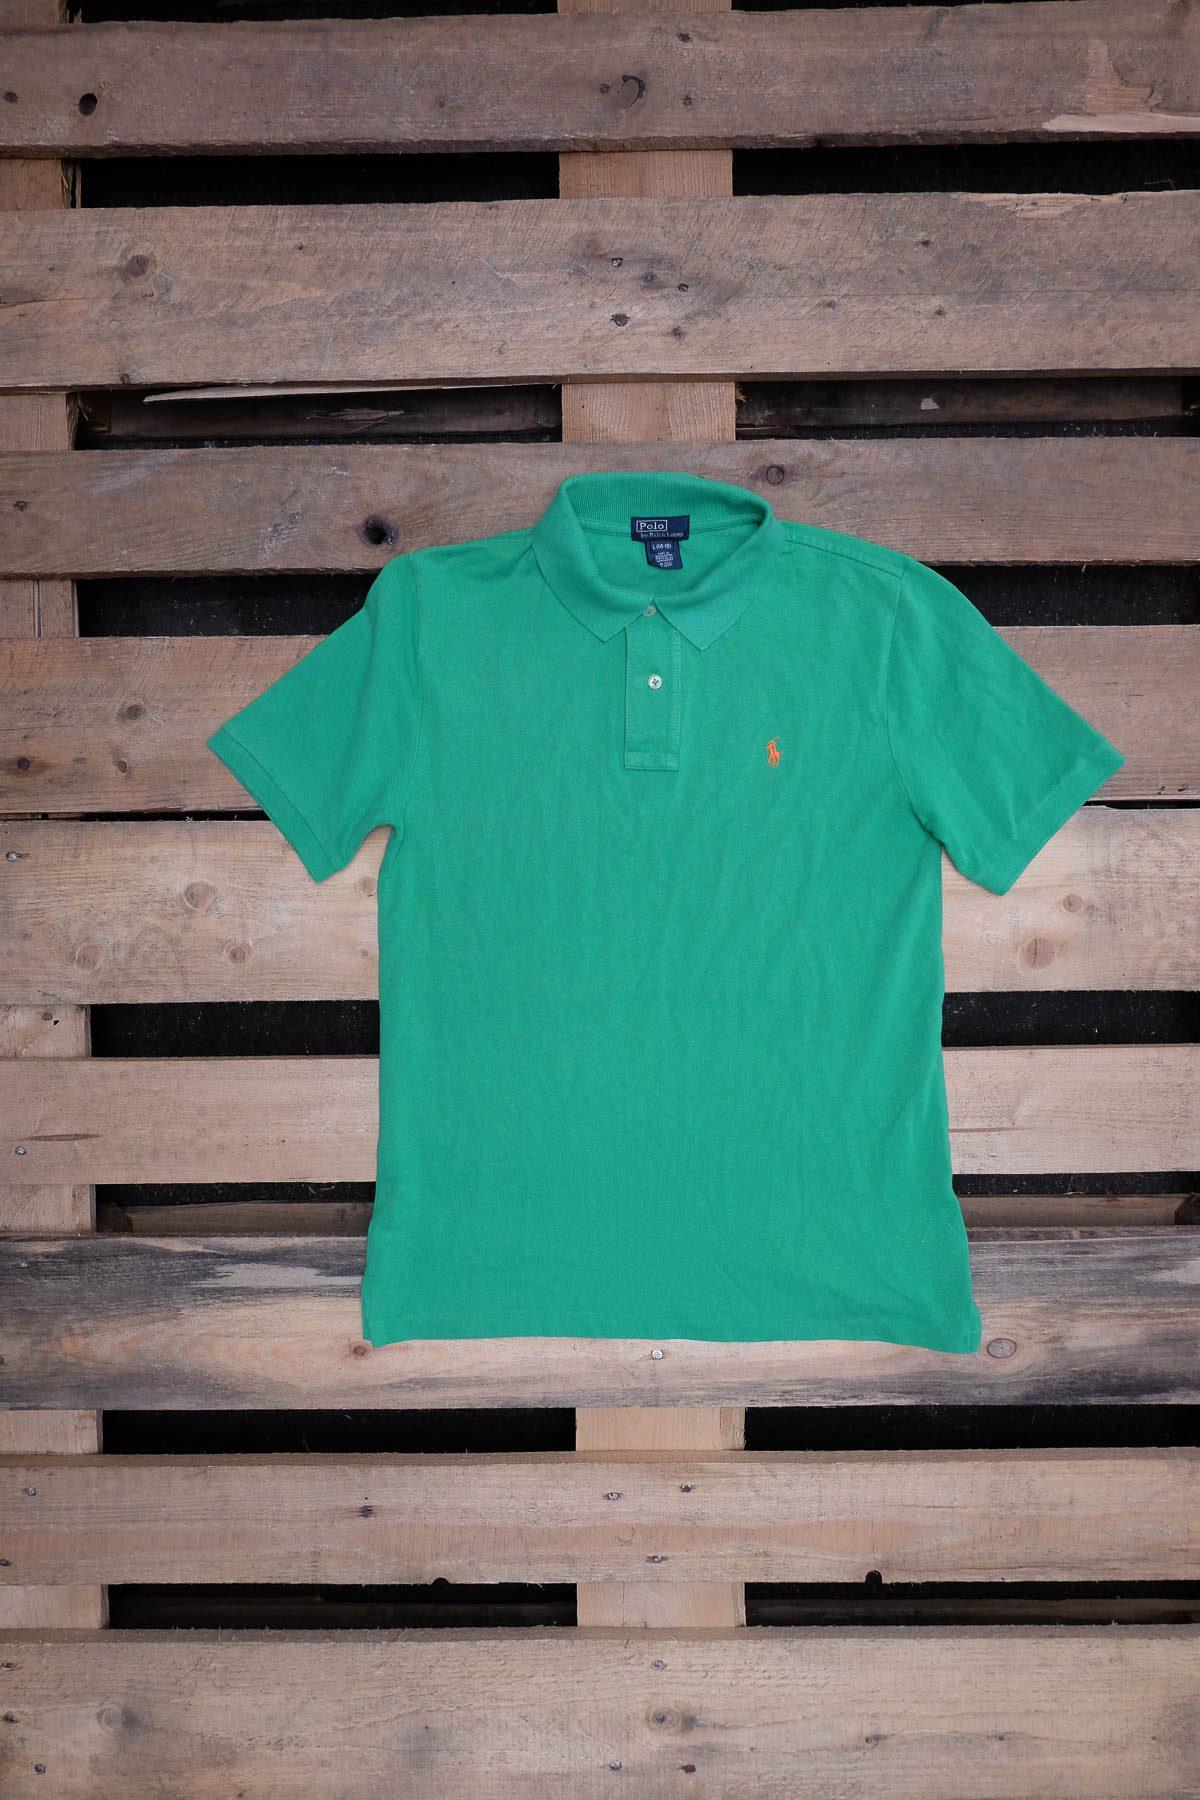 Ralph Lauren T-SHIRT POLO VINTAGE Green